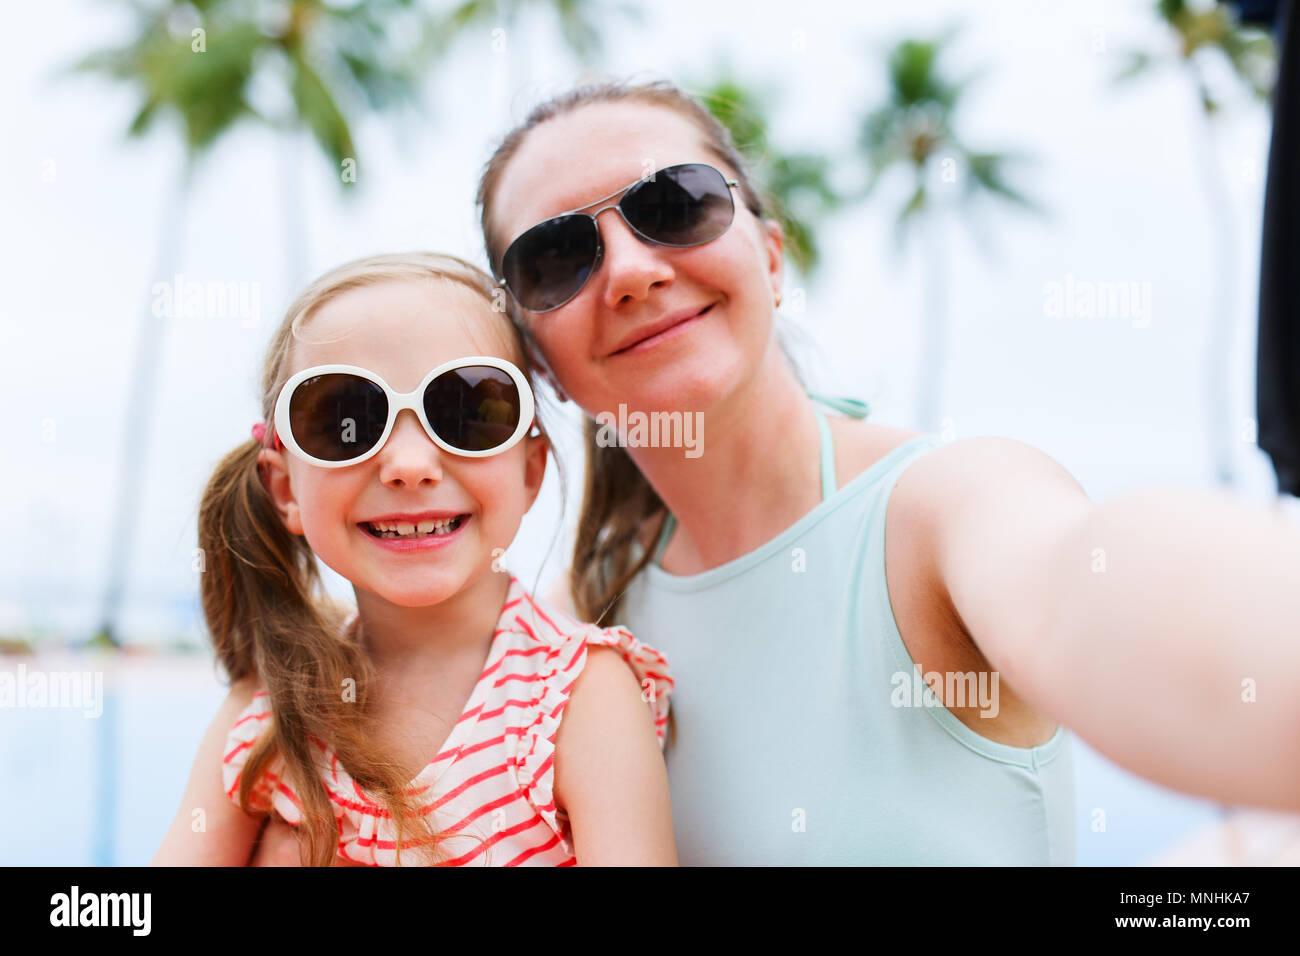 Glückliche Familie Mutter und ihre süßen kleinen Tochter auf Sommer Urlaub nimmt selfie mit Smartphone Stockbild